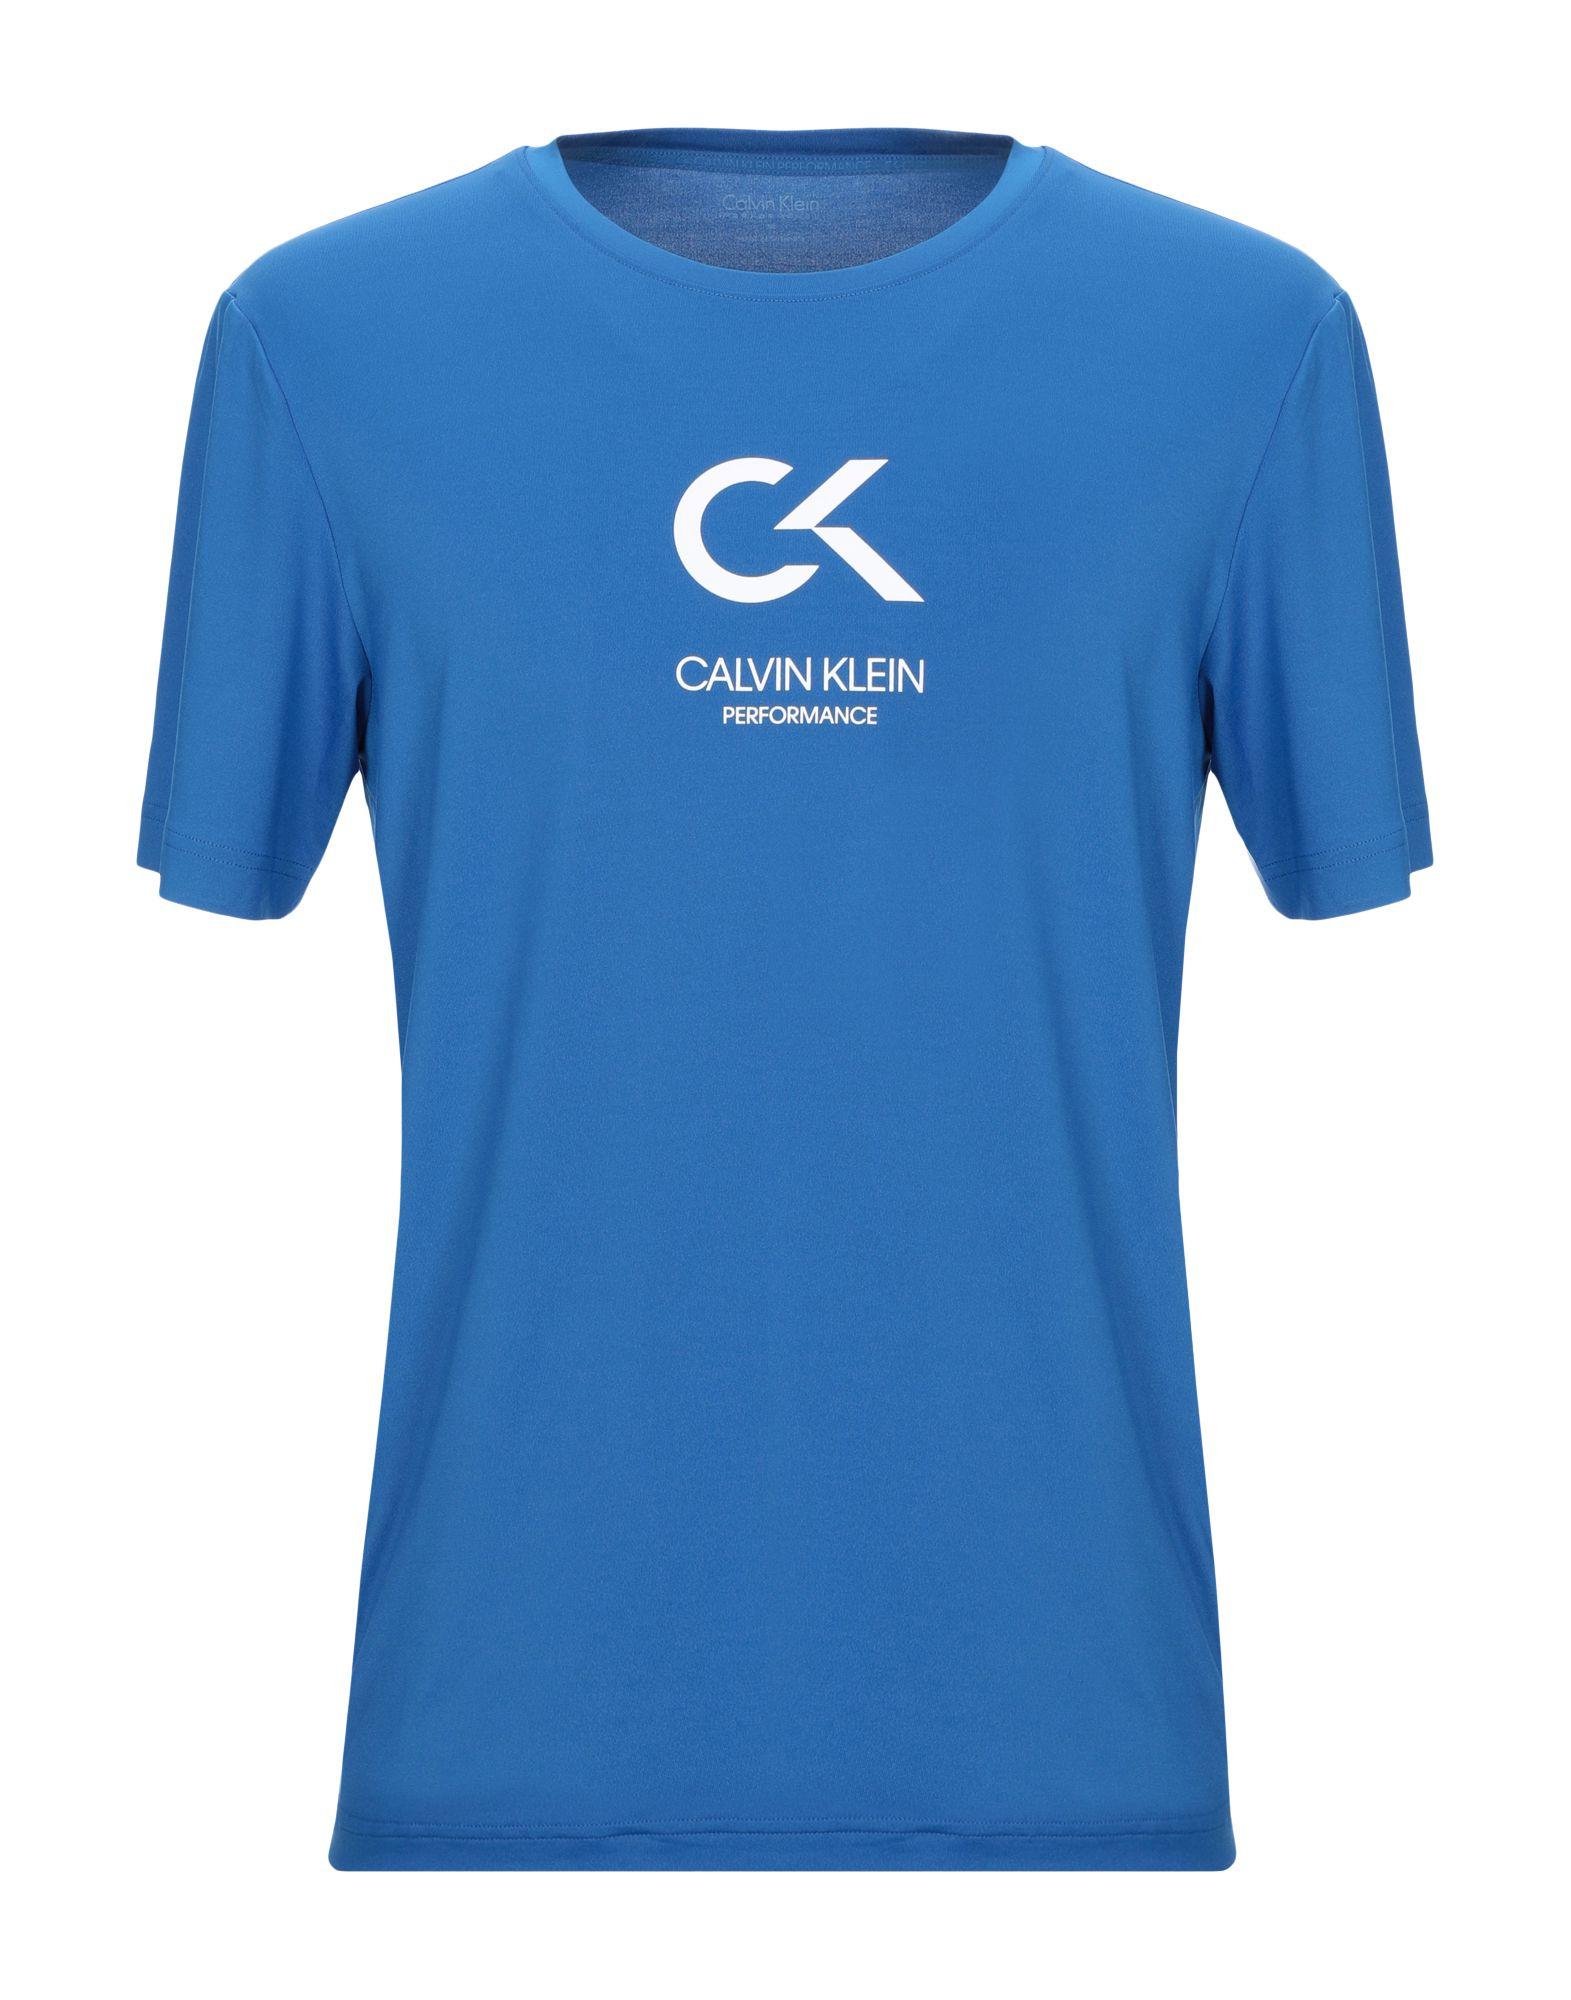 《セール開催中》CALVIN KLEIN PERFORMANCE メンズ T シャツ ブルー M ポリエステル 88% / ポリウレタン 12%